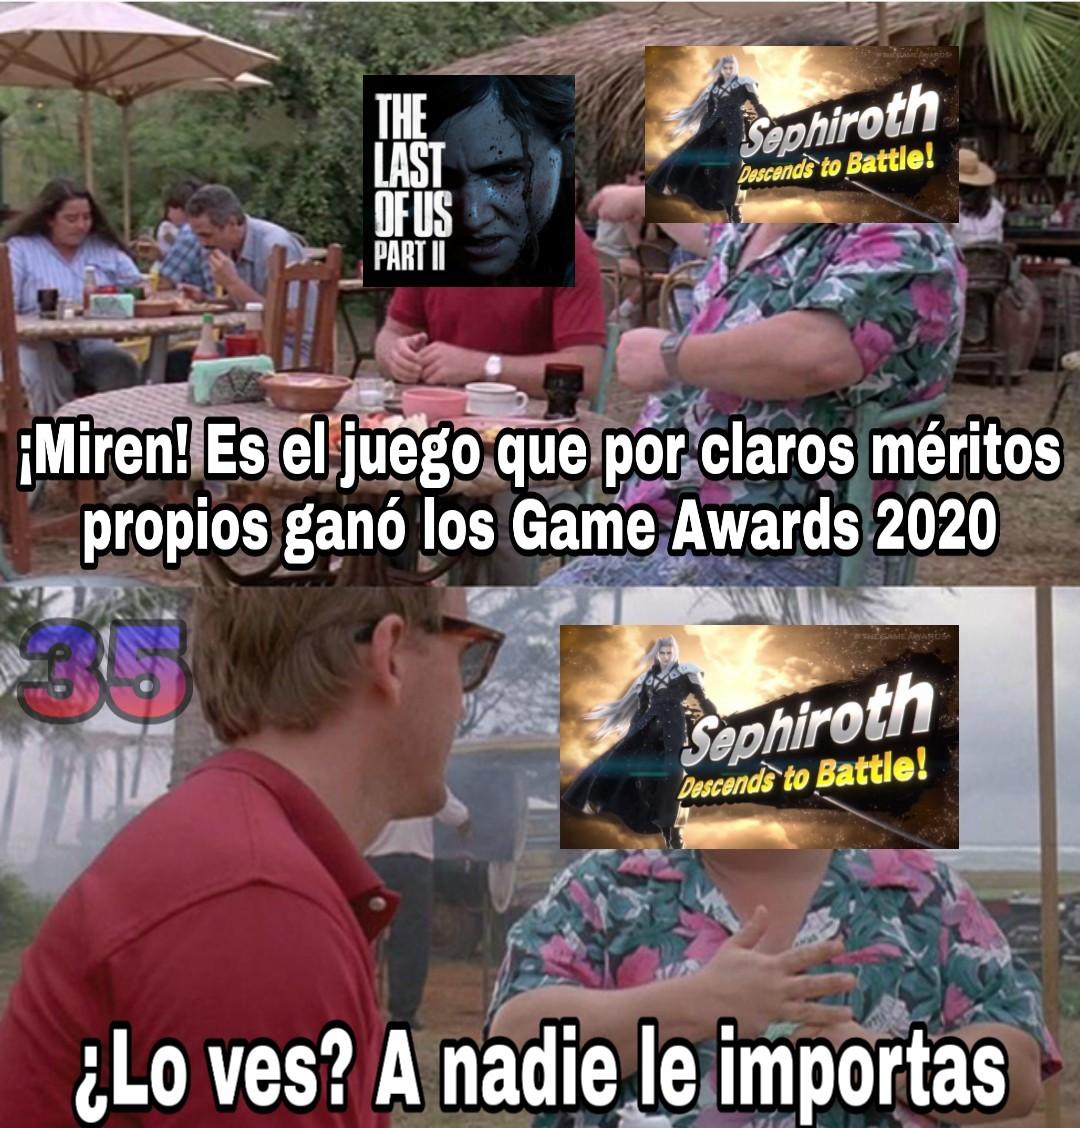 Sephiroth tiene más que merecido en Smash por mucho que lloren los niños anti-espadachines - meme